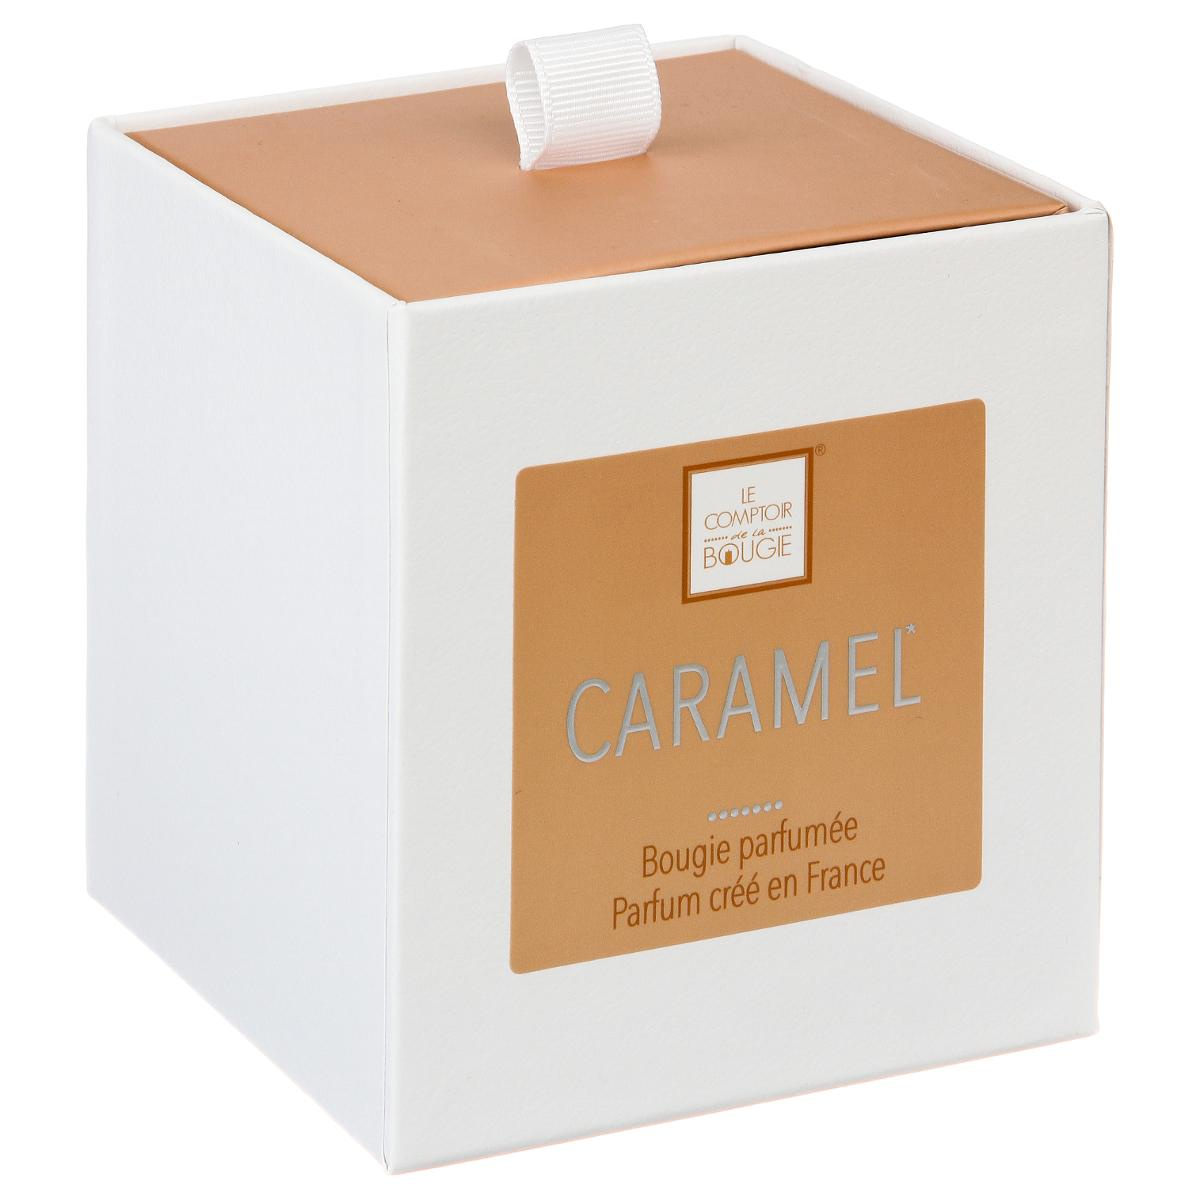 """Свеча ароматизированная Arome Enjoy 145303F145303Fаромат """"Карамель""""Нежные, сладкие нотки карамели – желанные гости как в женской, так и мужской парфюмерии. Всеми любимый моно аромат дарит воспоминания беззаботного детского праздника и обладает сладким и насыщенным вкусом с ощутимой нотой ванили и жжёного сахара. Он незаметно растворит депрессию и стресс, наполнит положительными эмоциями, поможет обрести приятное чувство защищенности.время горения: 47 часов"""